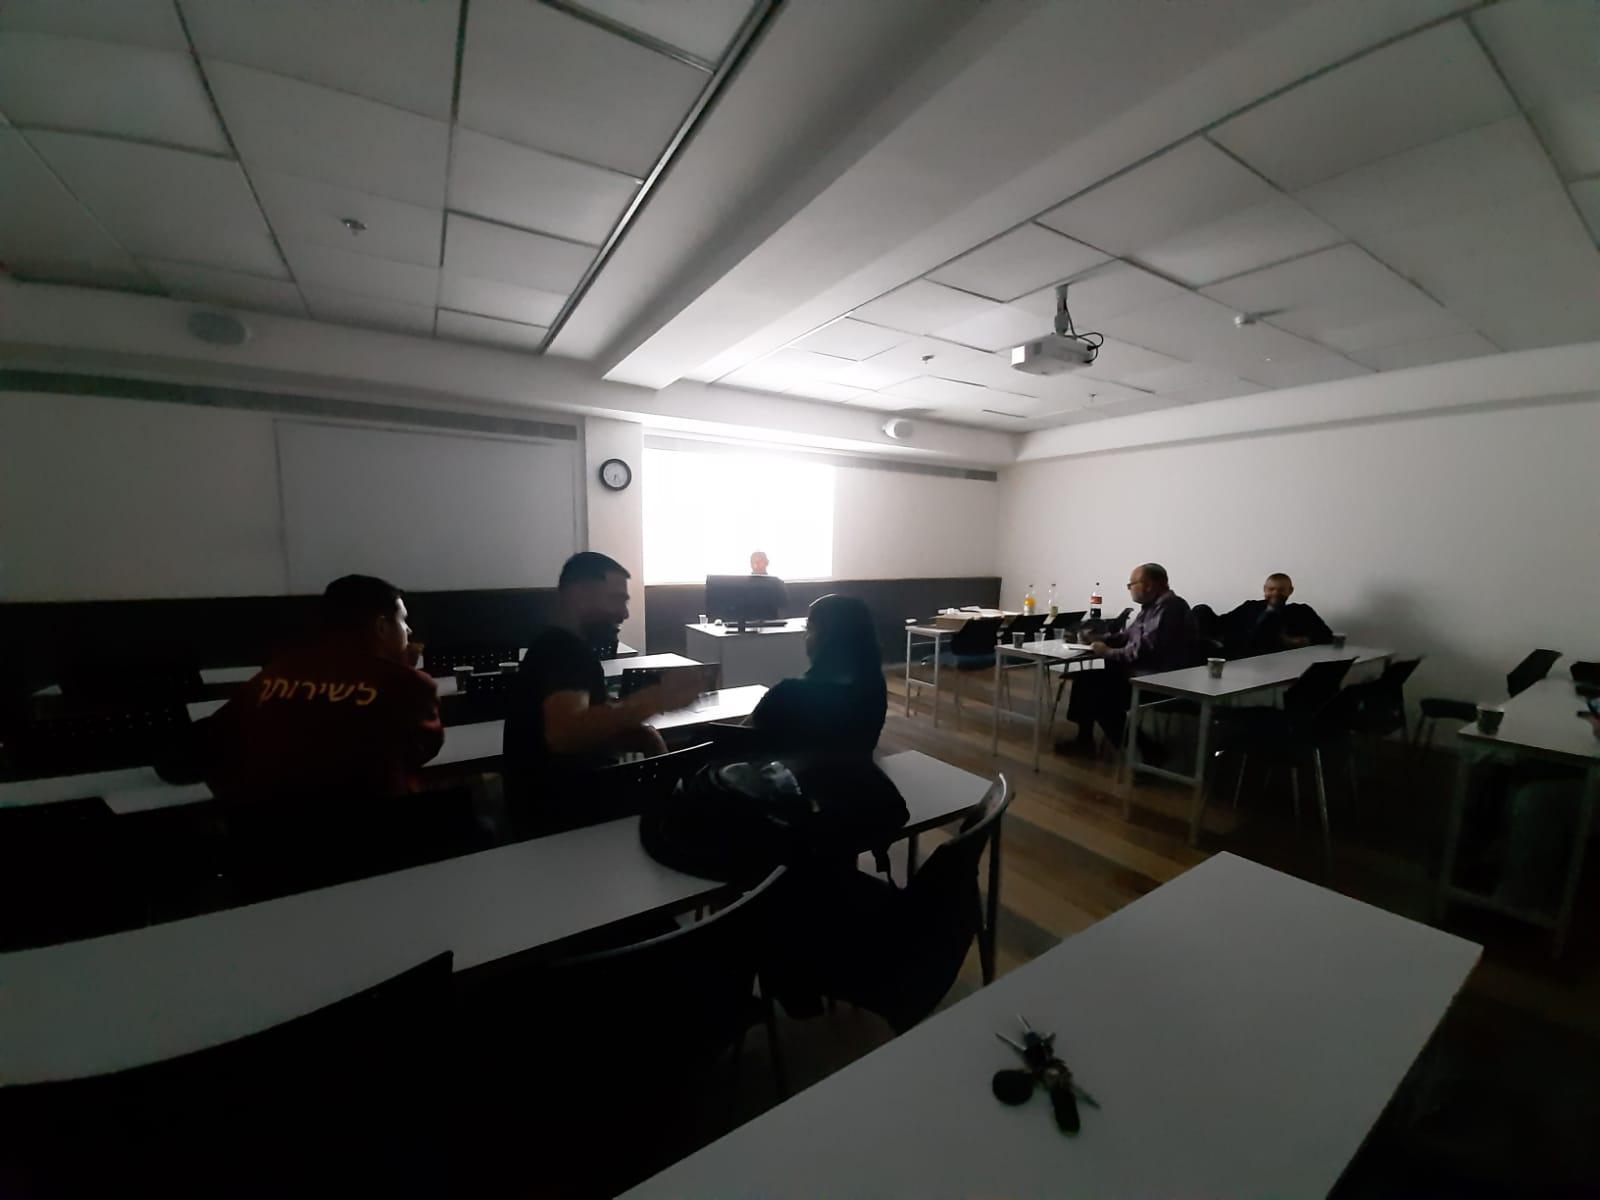 גלרייה - סיום קורס ניהול לוגיסטיקה ומחסן ממוחשב בכיר מחזור 39, 32 מתוך 38